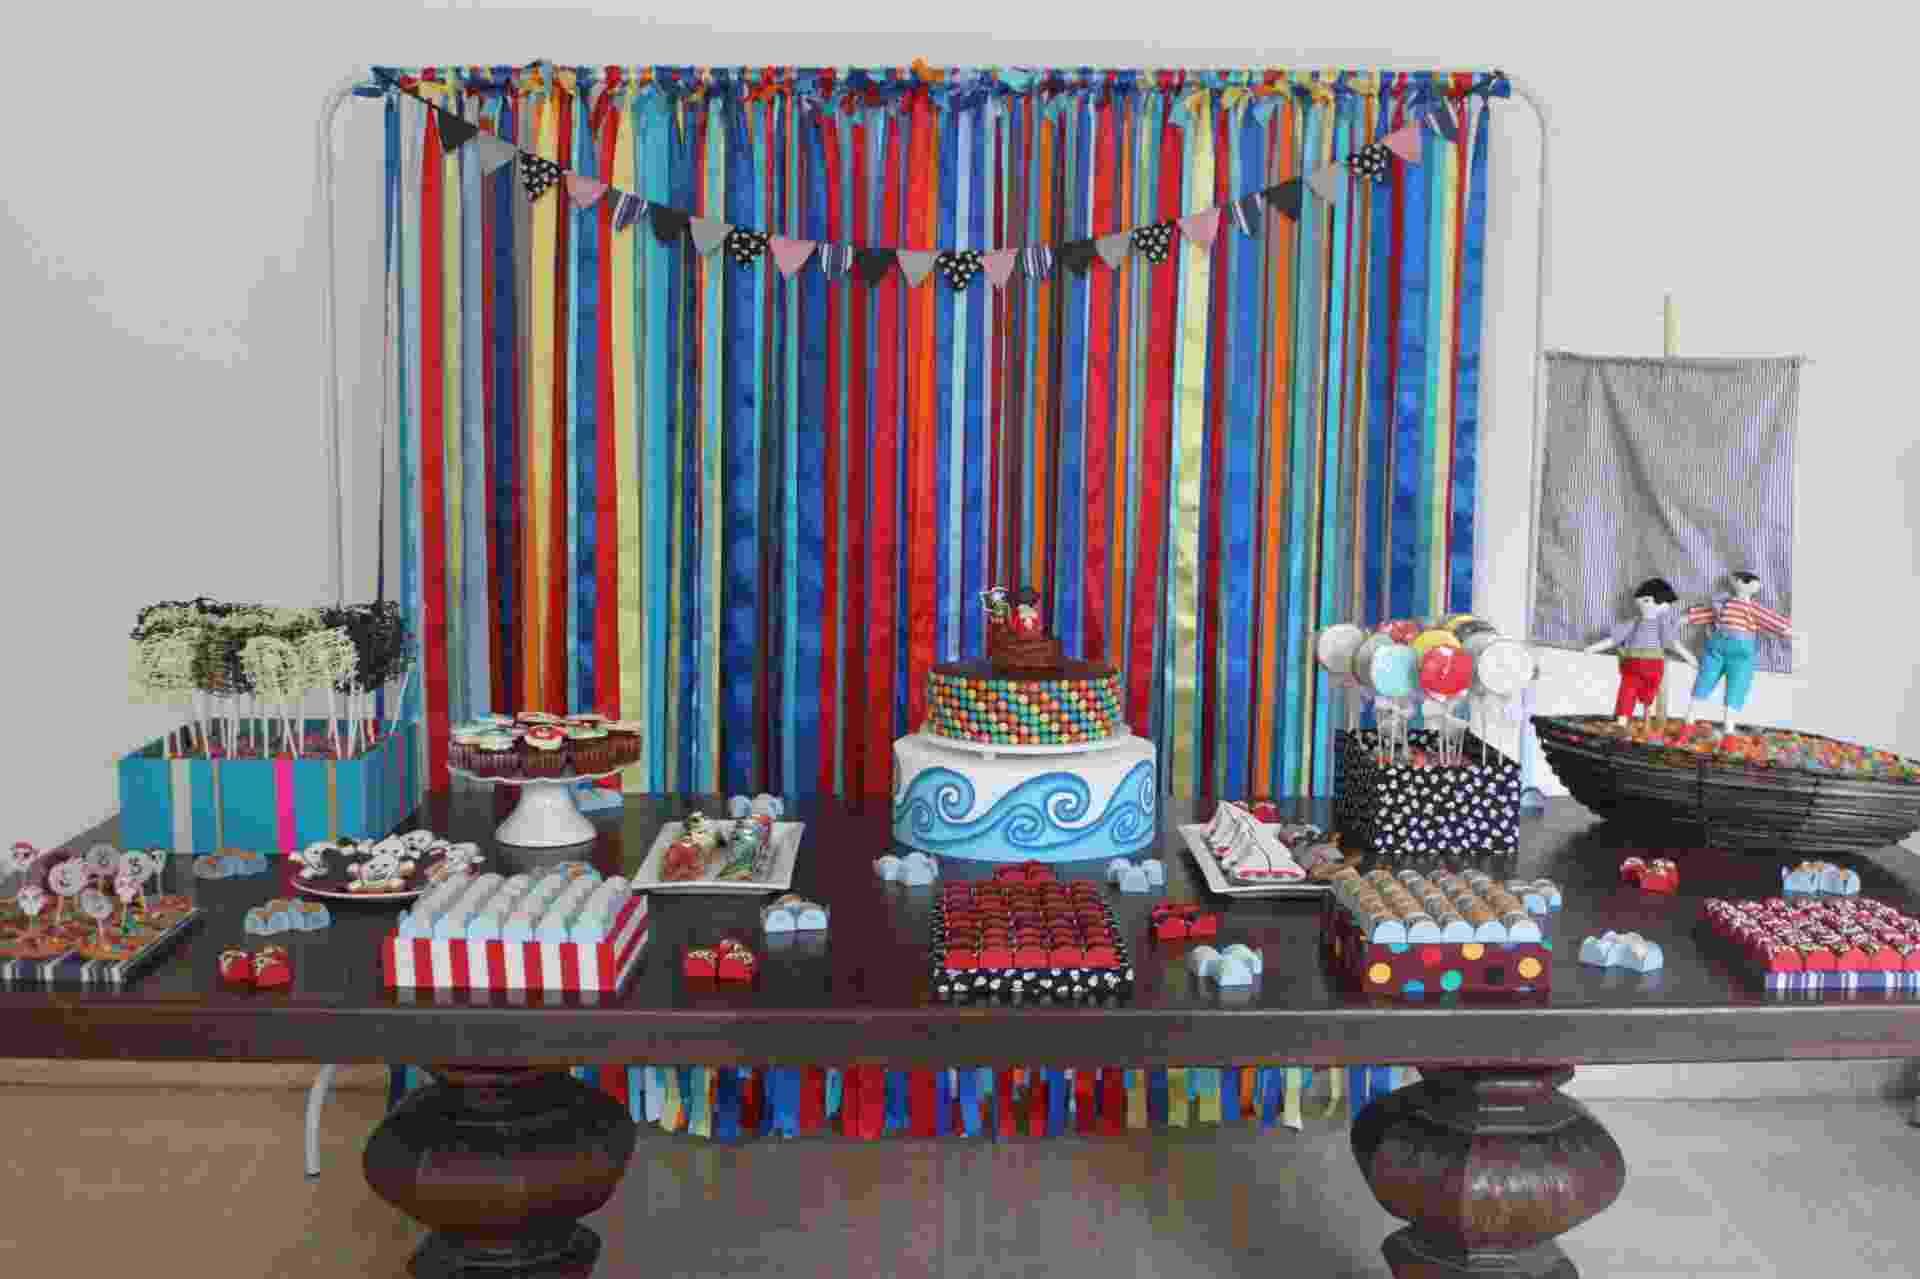 A festa realizada por Tammy Montagna (www.tammymontagna.com) tem o tema Pirata. A cortina que cobre a janela do salão de festas foi feita exclusivamente para a comemoração, com uma estrutura de ferro onde foram presas fitas coloridas de cetim - Divulgação